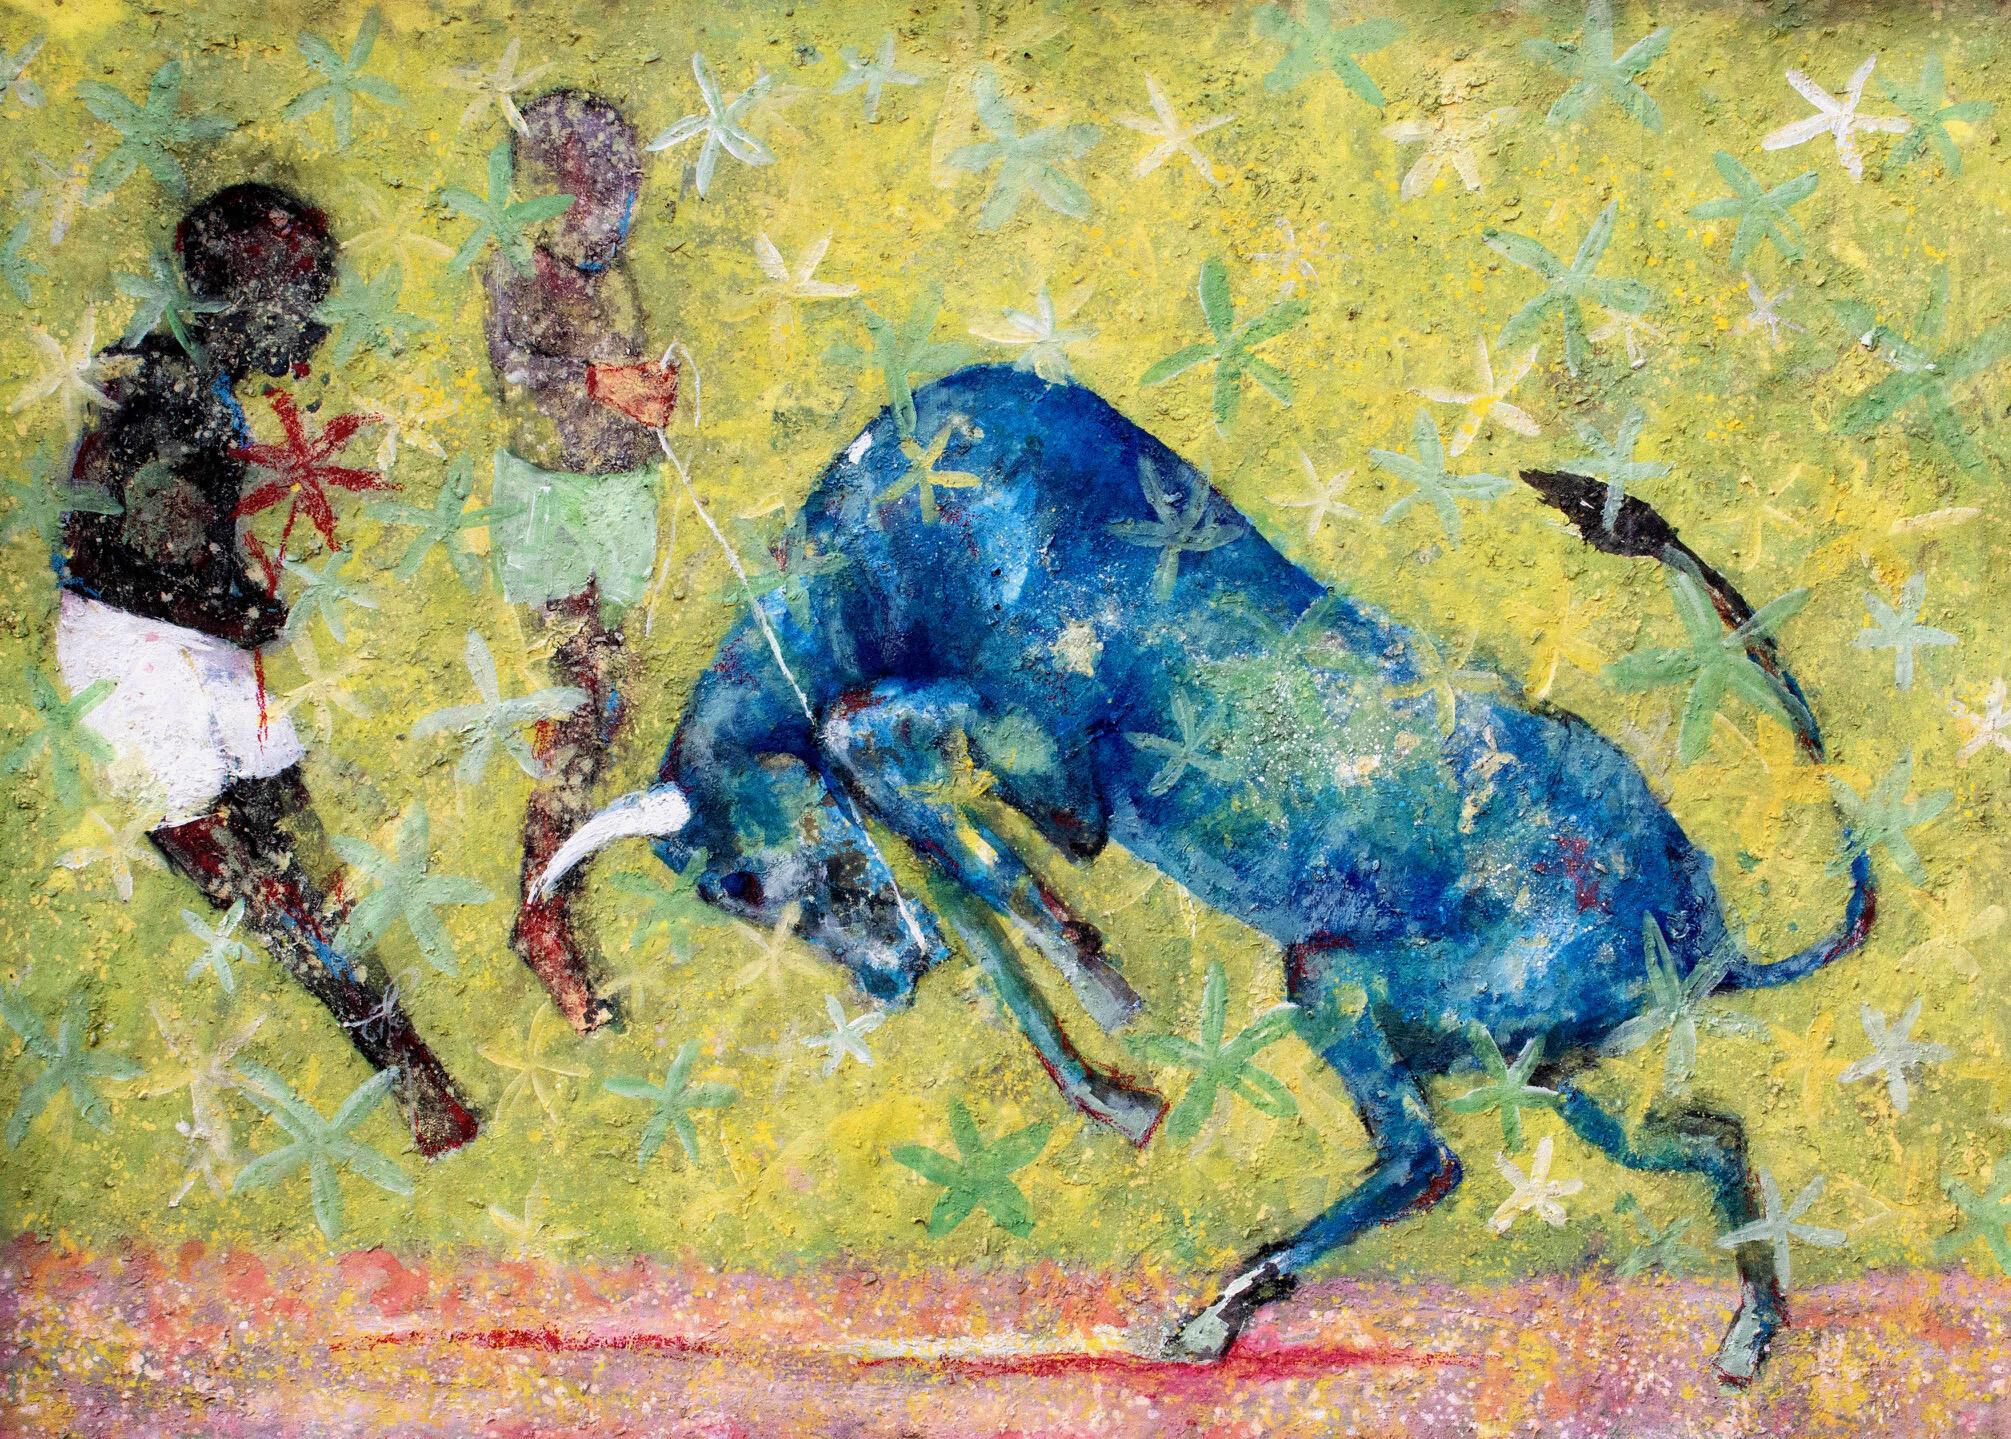 Alhassane Konté, « Le taureau bleu », 2020, exposé à Abidjan, à LouiSimone Guirandou Gallery.  © Archives personnelles Alahassane Konté